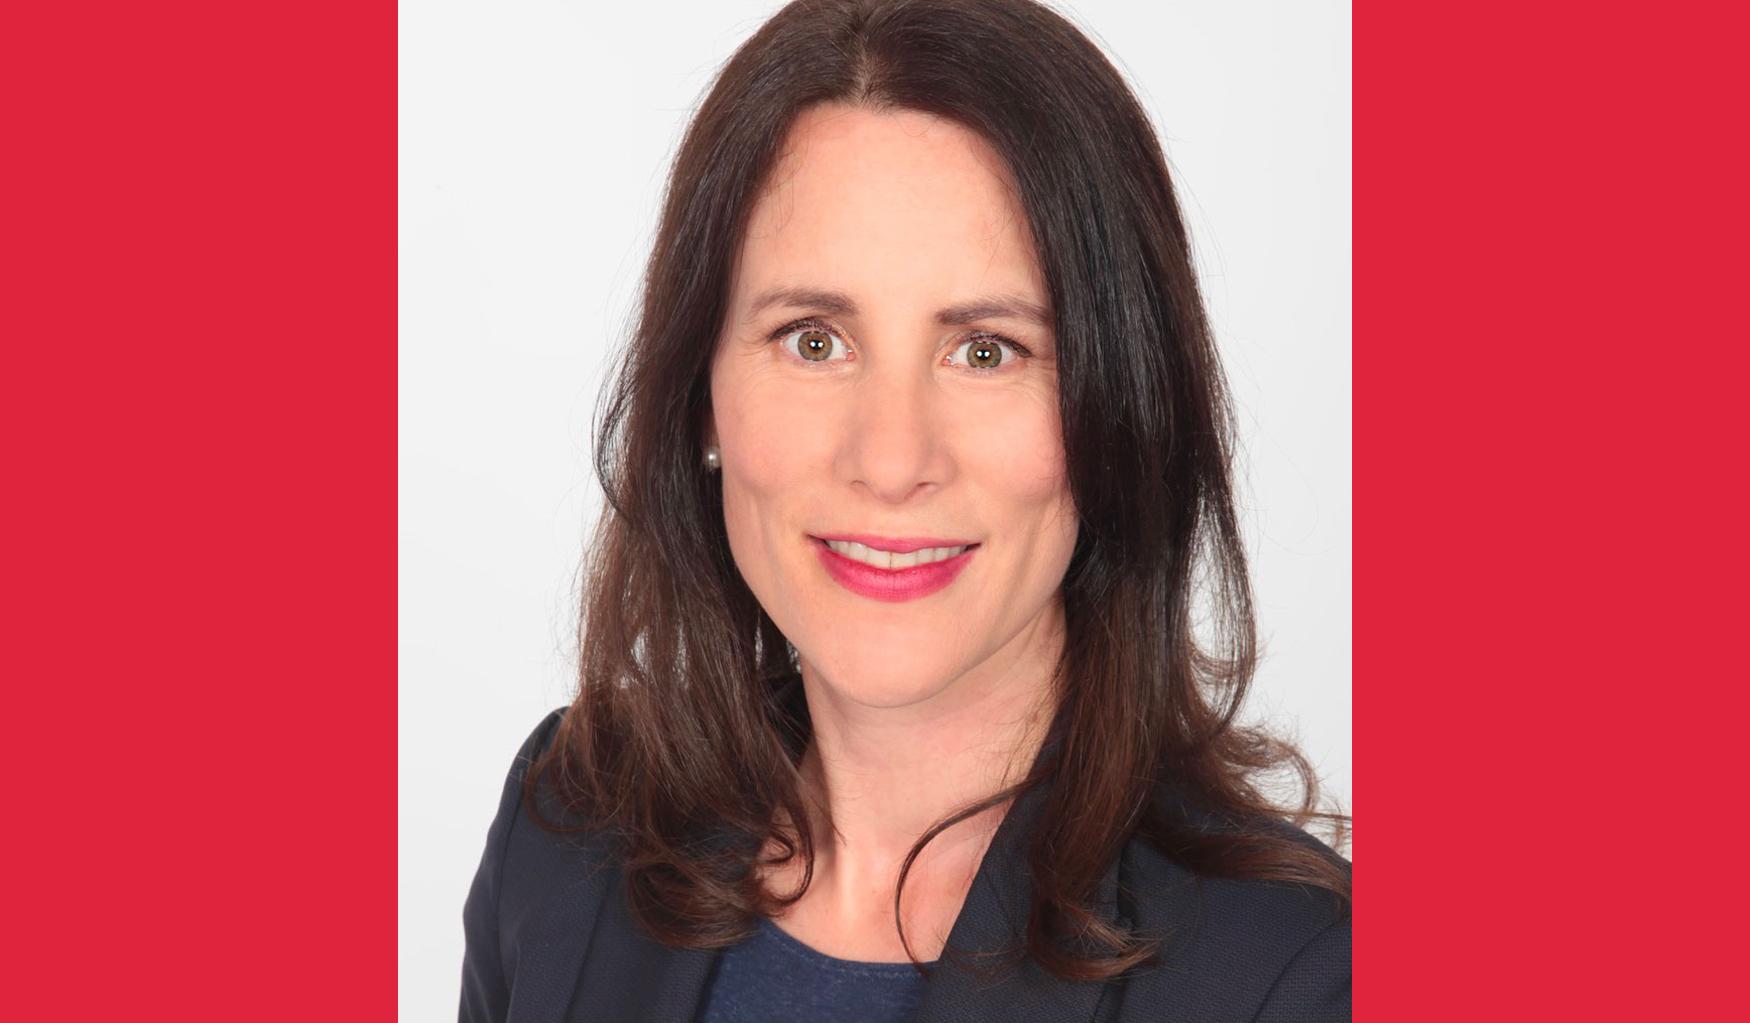 Mme Rebekka Benesch, doc. officiel Ambassade de Suisse à Paris